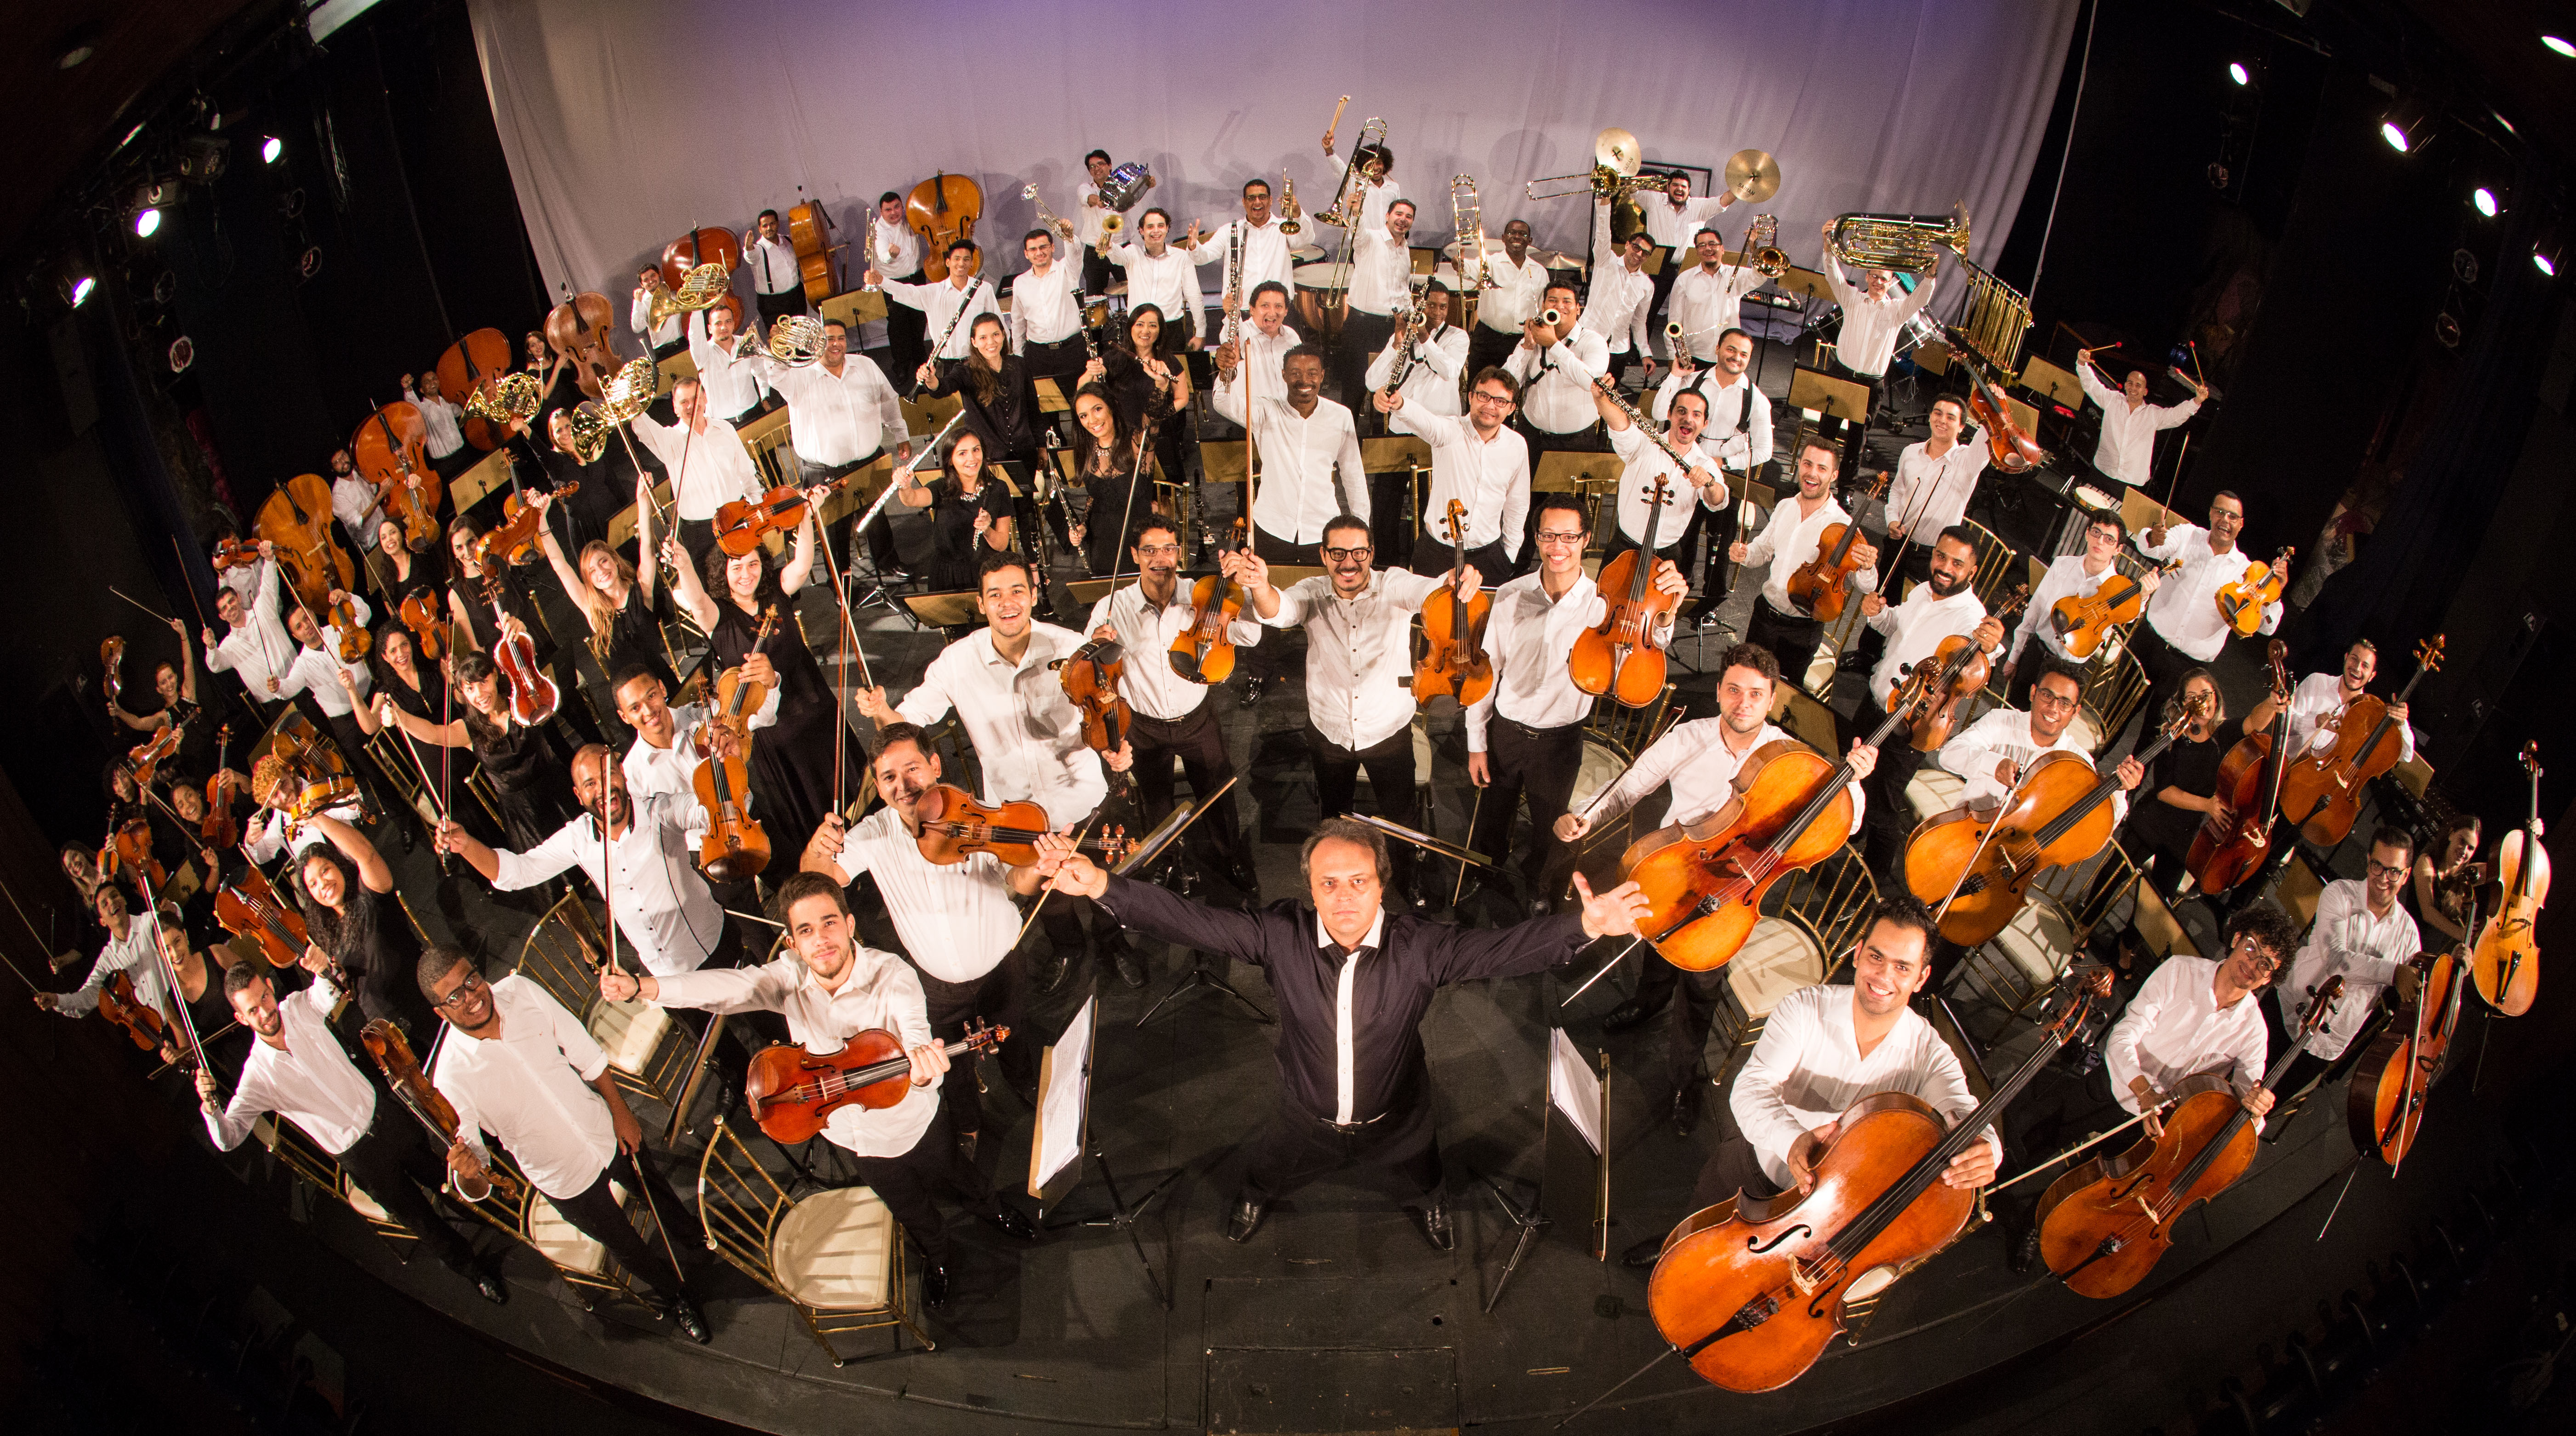 Orquestra Acadêmica Mozarteum Brasileiro: uma fonte de vitalidade criativa para o Brasil